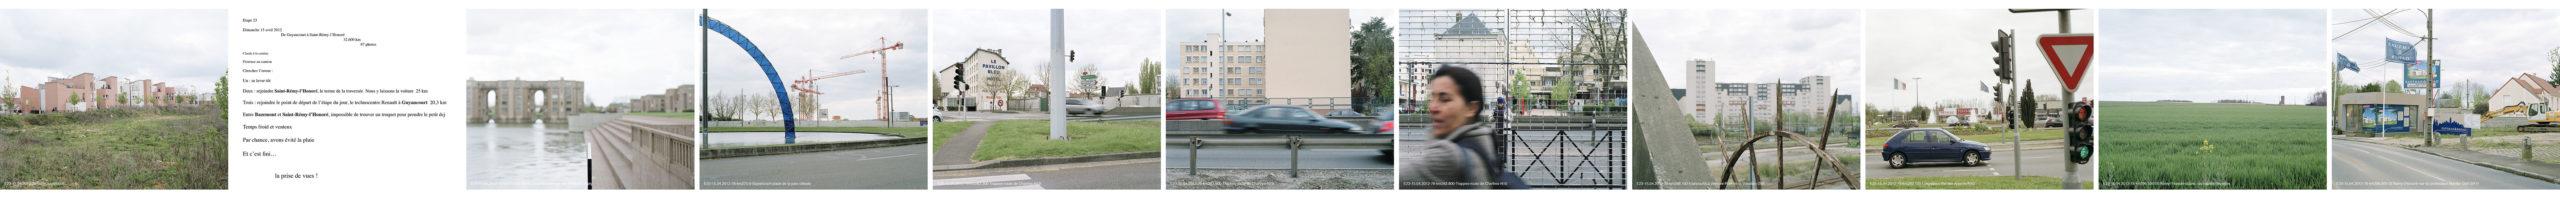 marcher/créer, déambuler, parcourir, photographier le paysage, photographier le territoire, paysage urbain, paysage périurbain, paysage de campagne, paysage architecturale, territoire de la région île-de-France, regard sur le Grand Paris,  Guyancourt / Saint-Rémy-l'Honoré